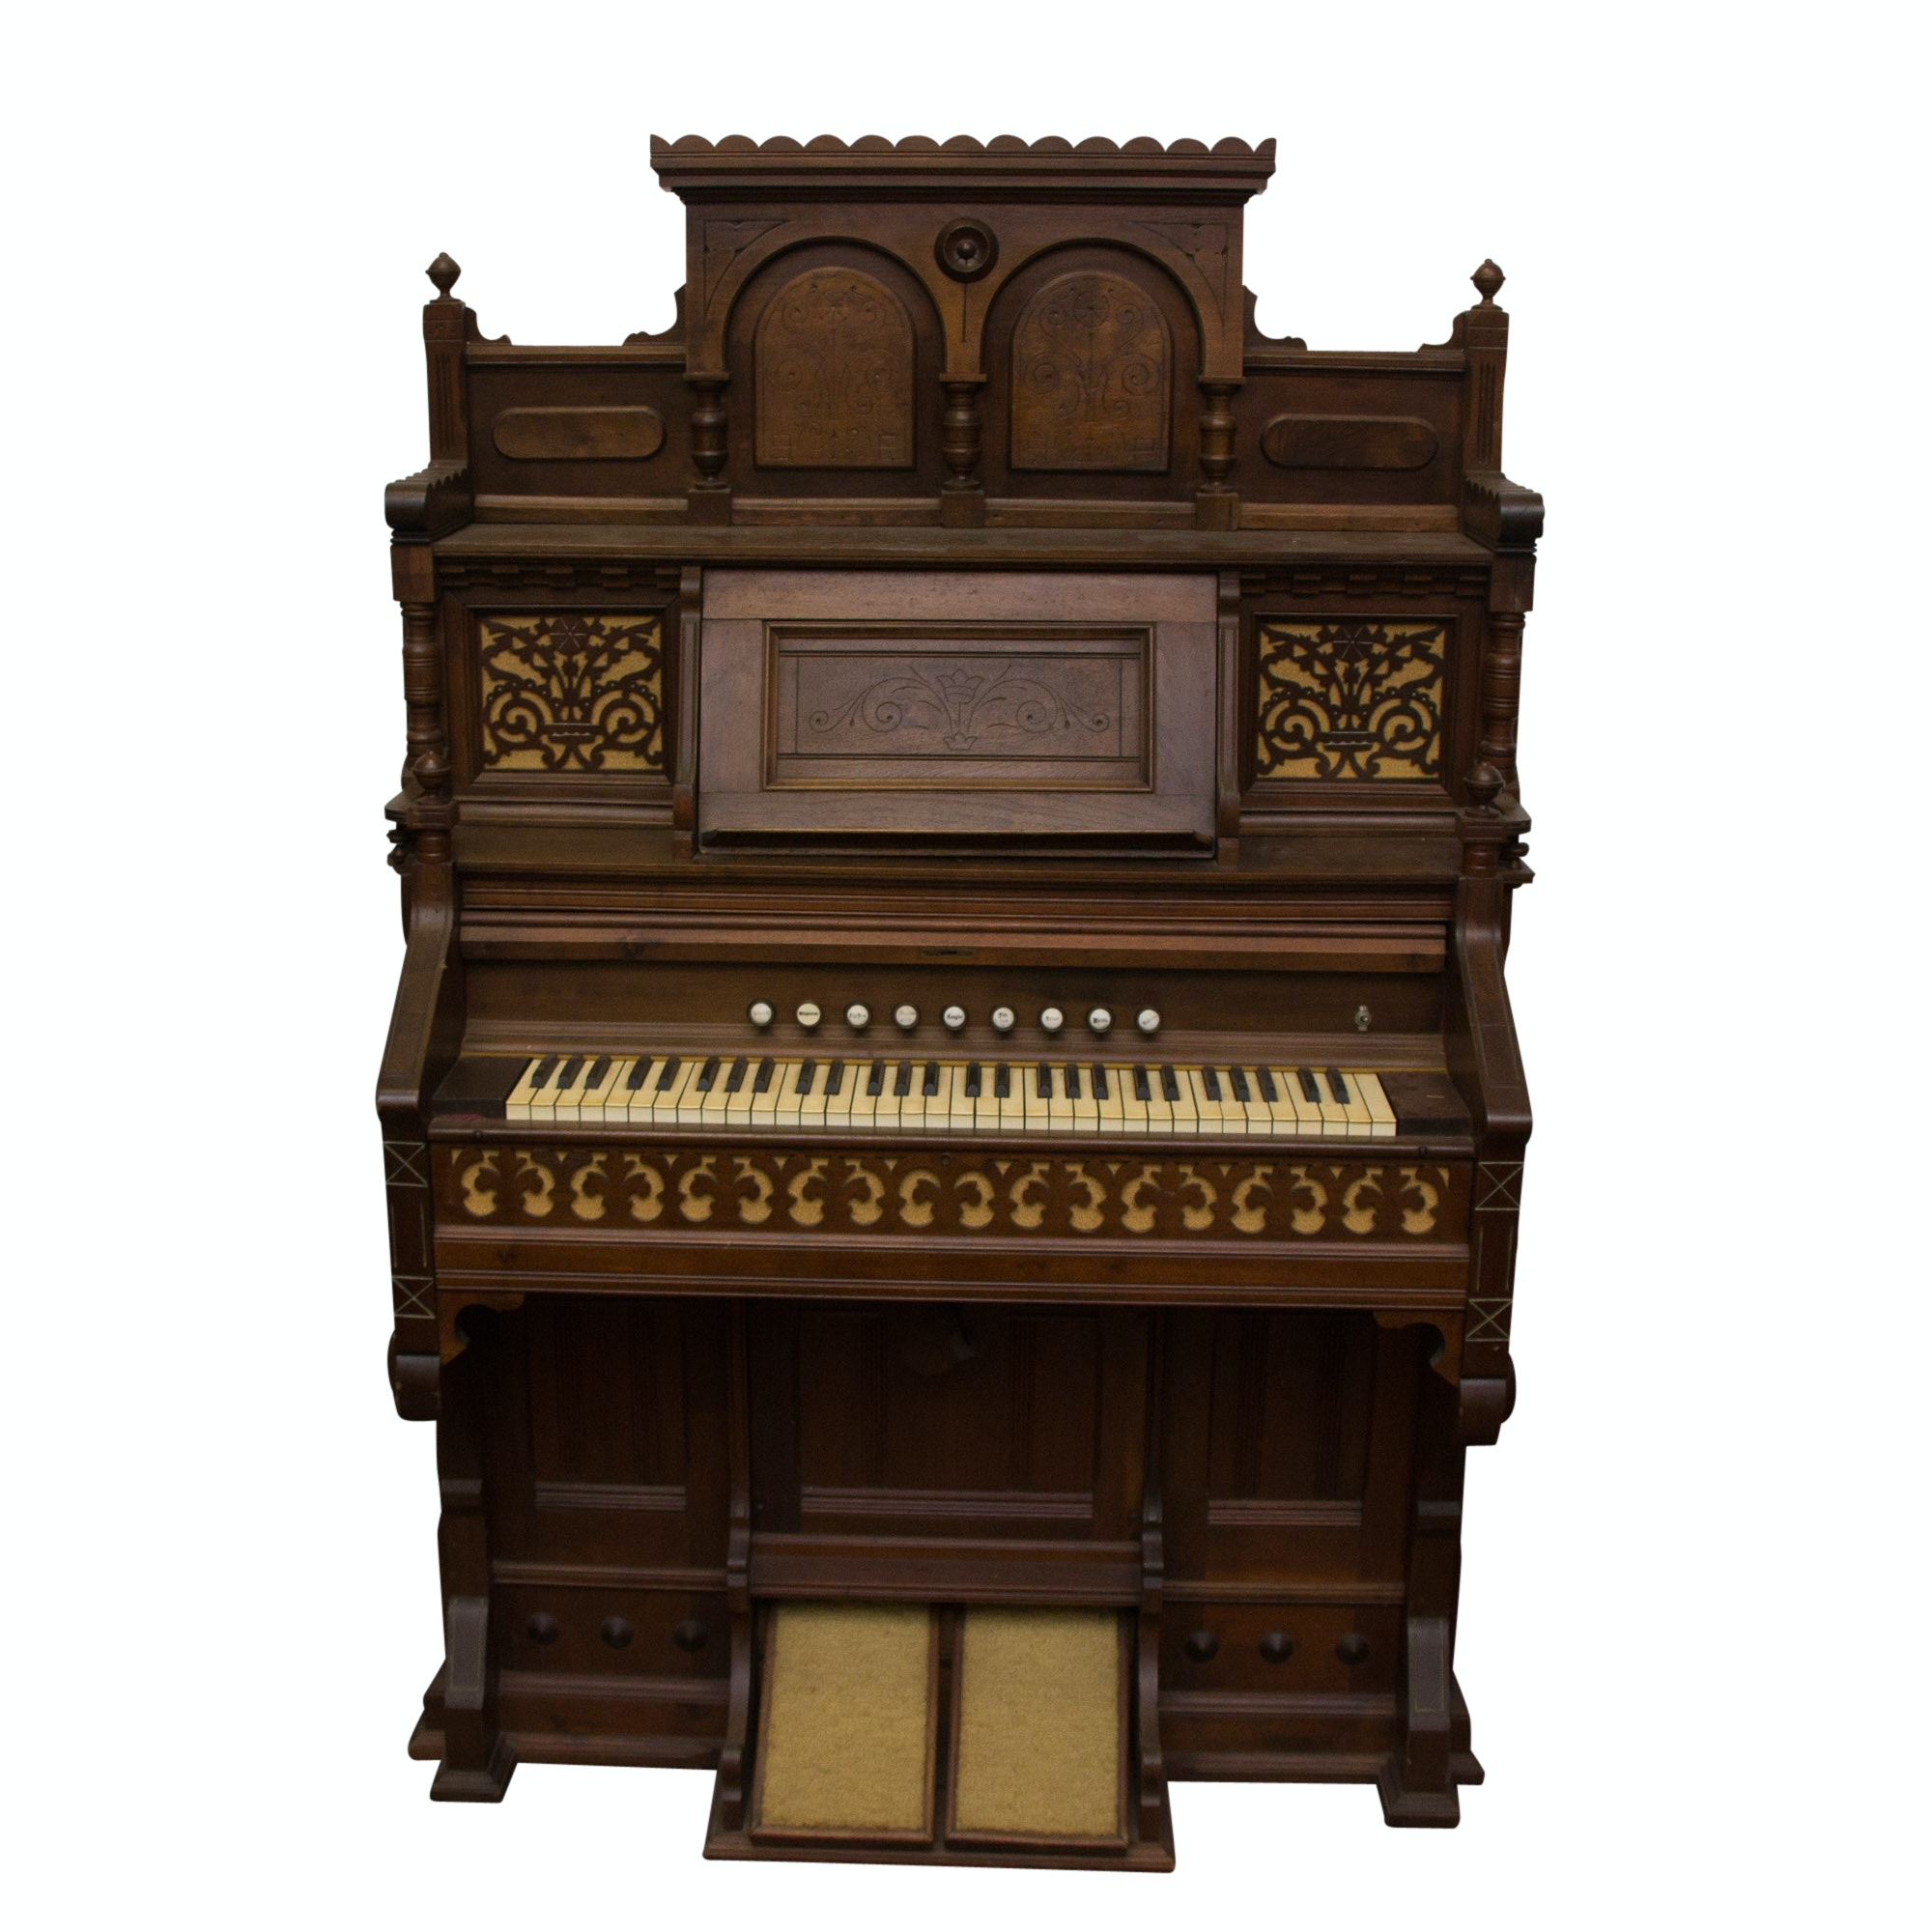 Vintage Eastlake Style Organ